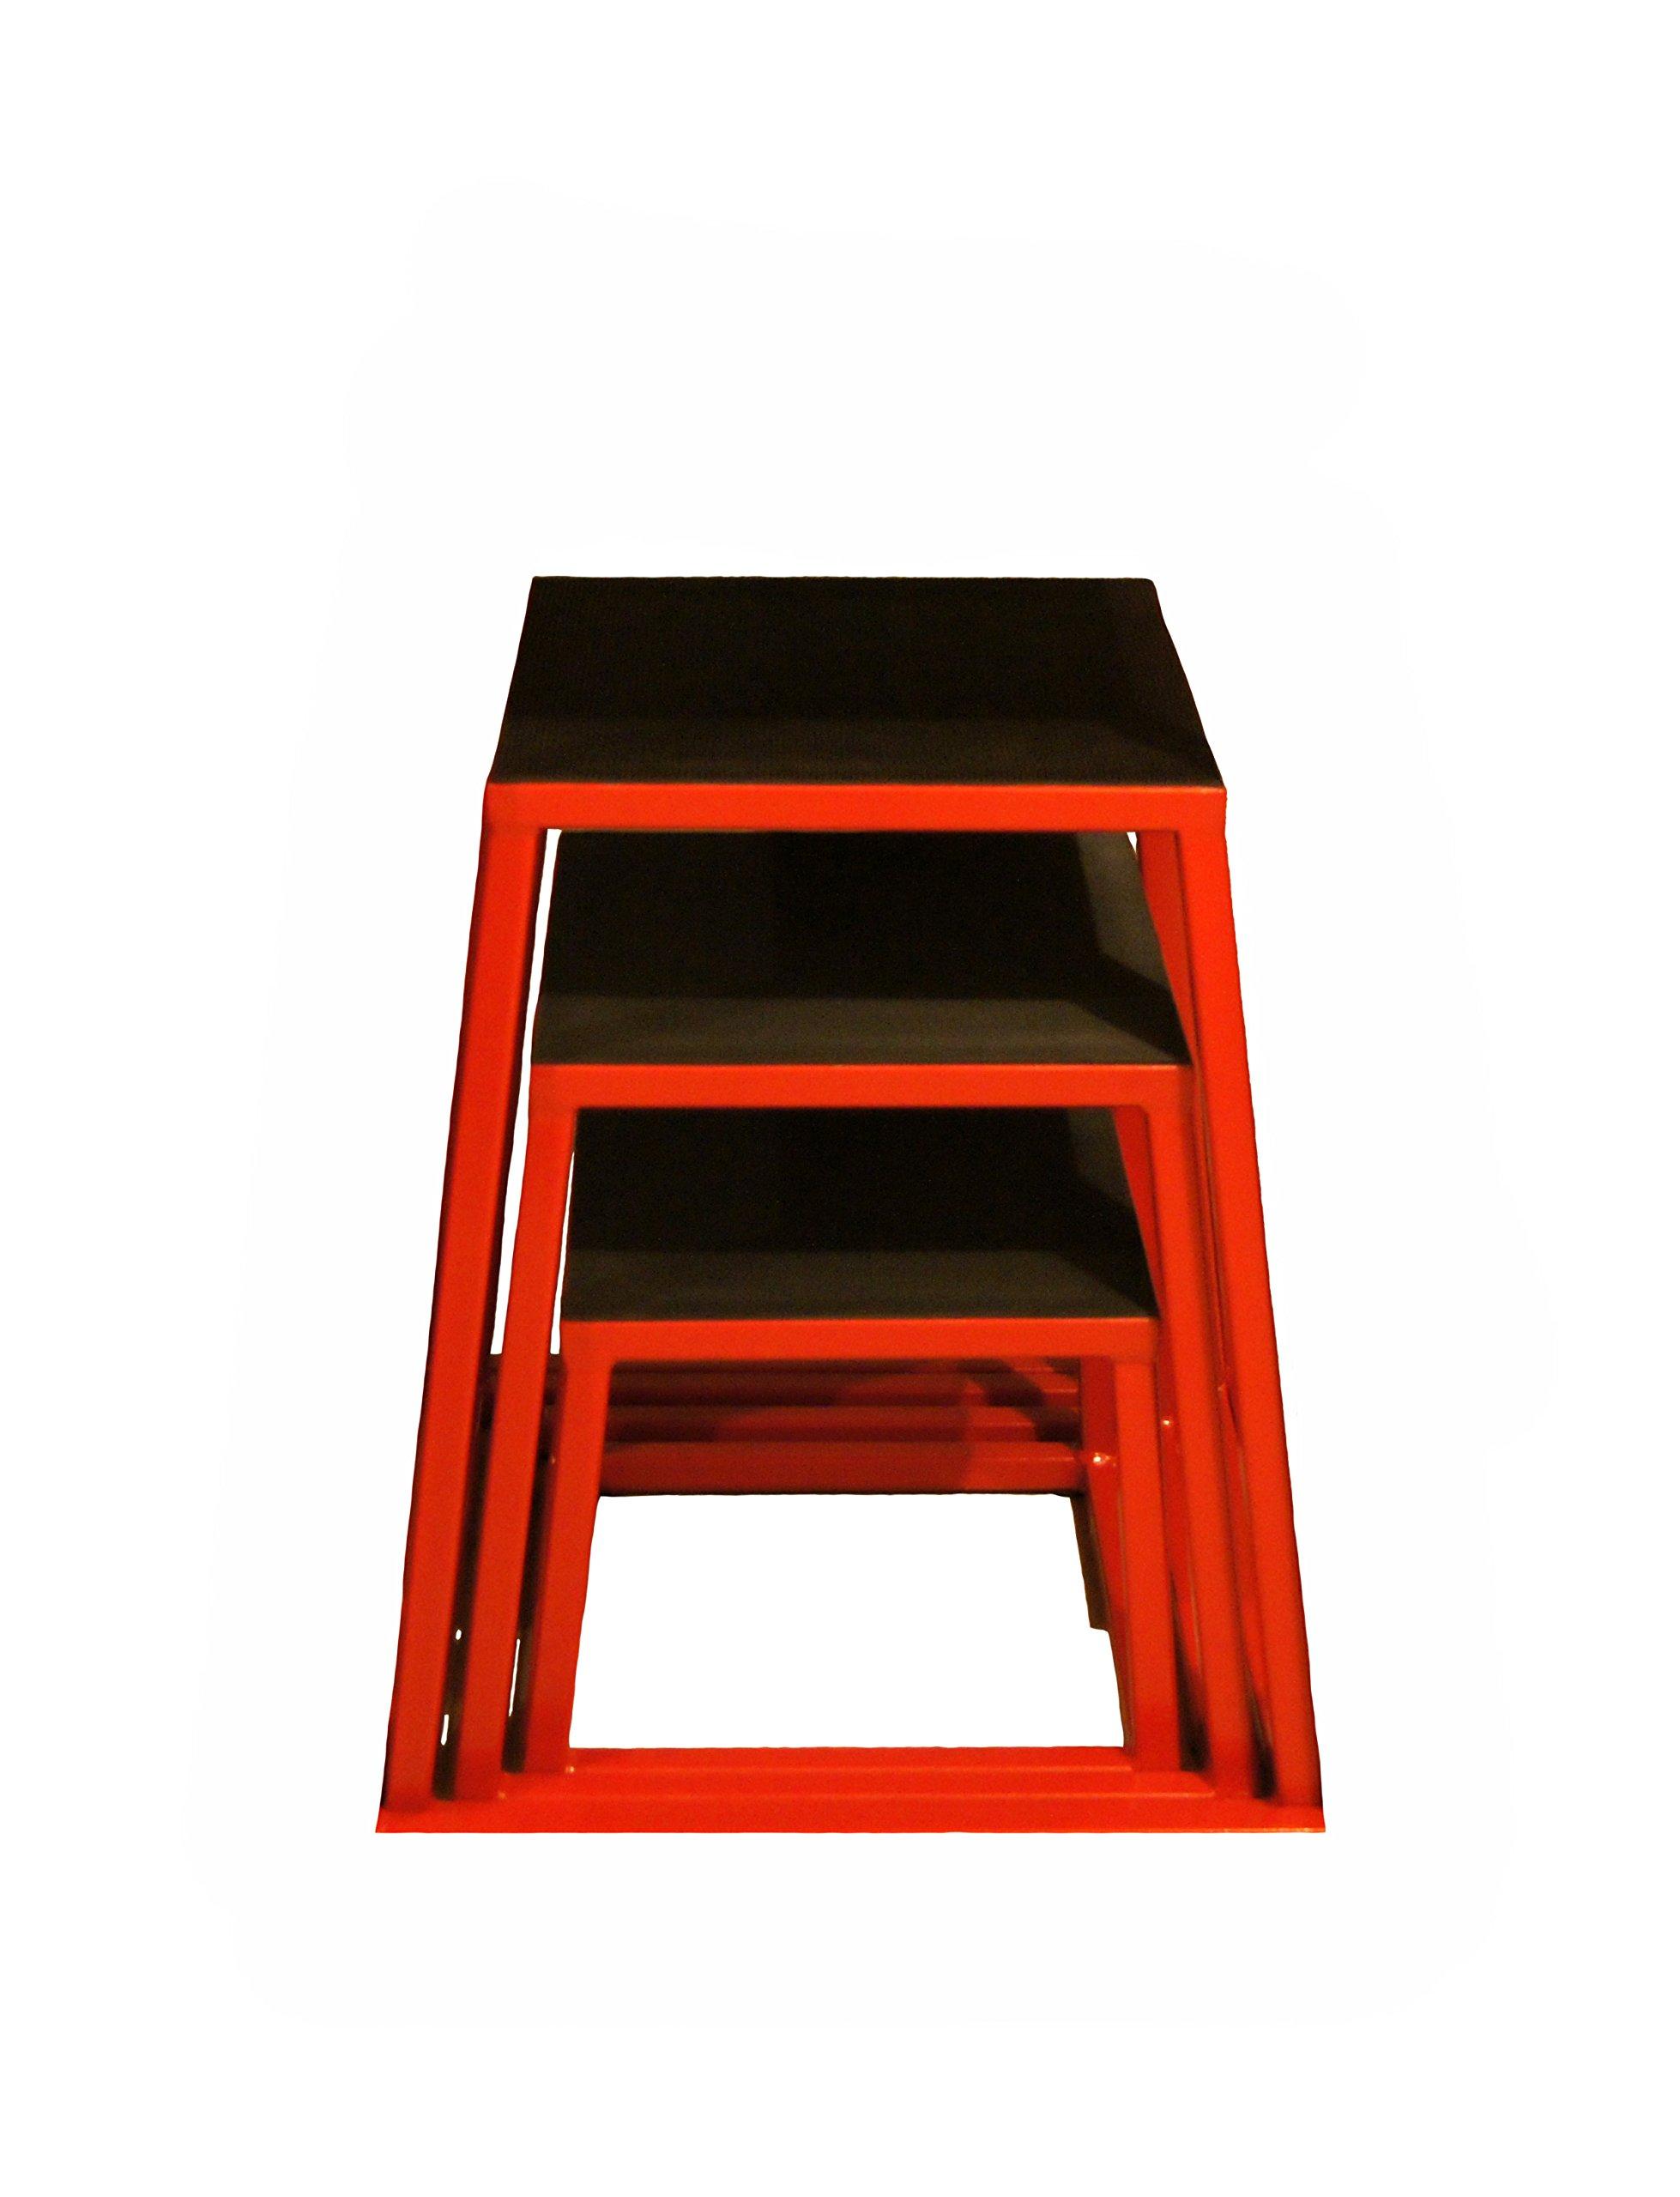 j/fit Plyometric Jump Box Set of 3 - 12'',18'',24''